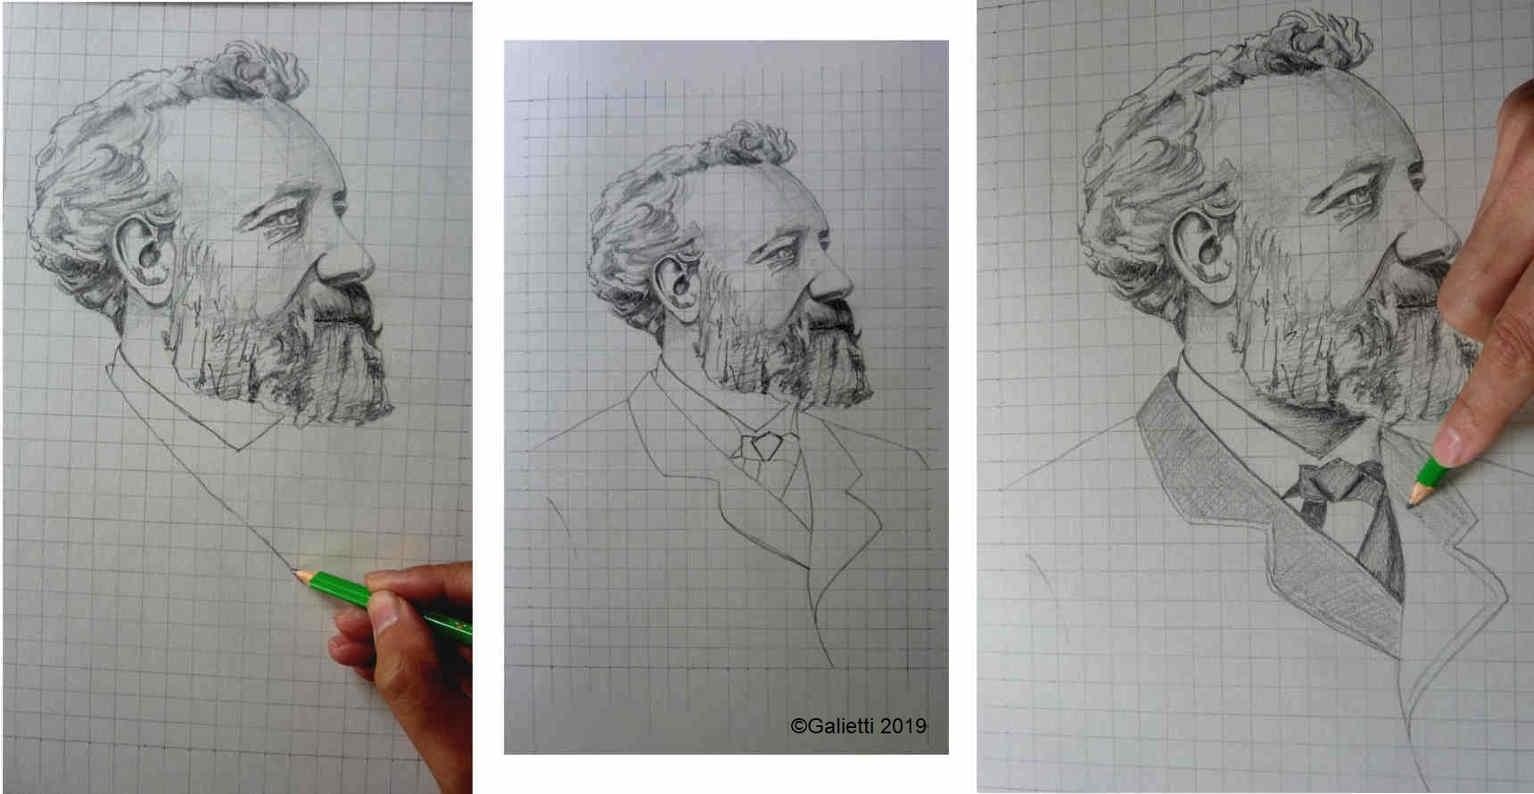 dessiner un portrait d apres une photo